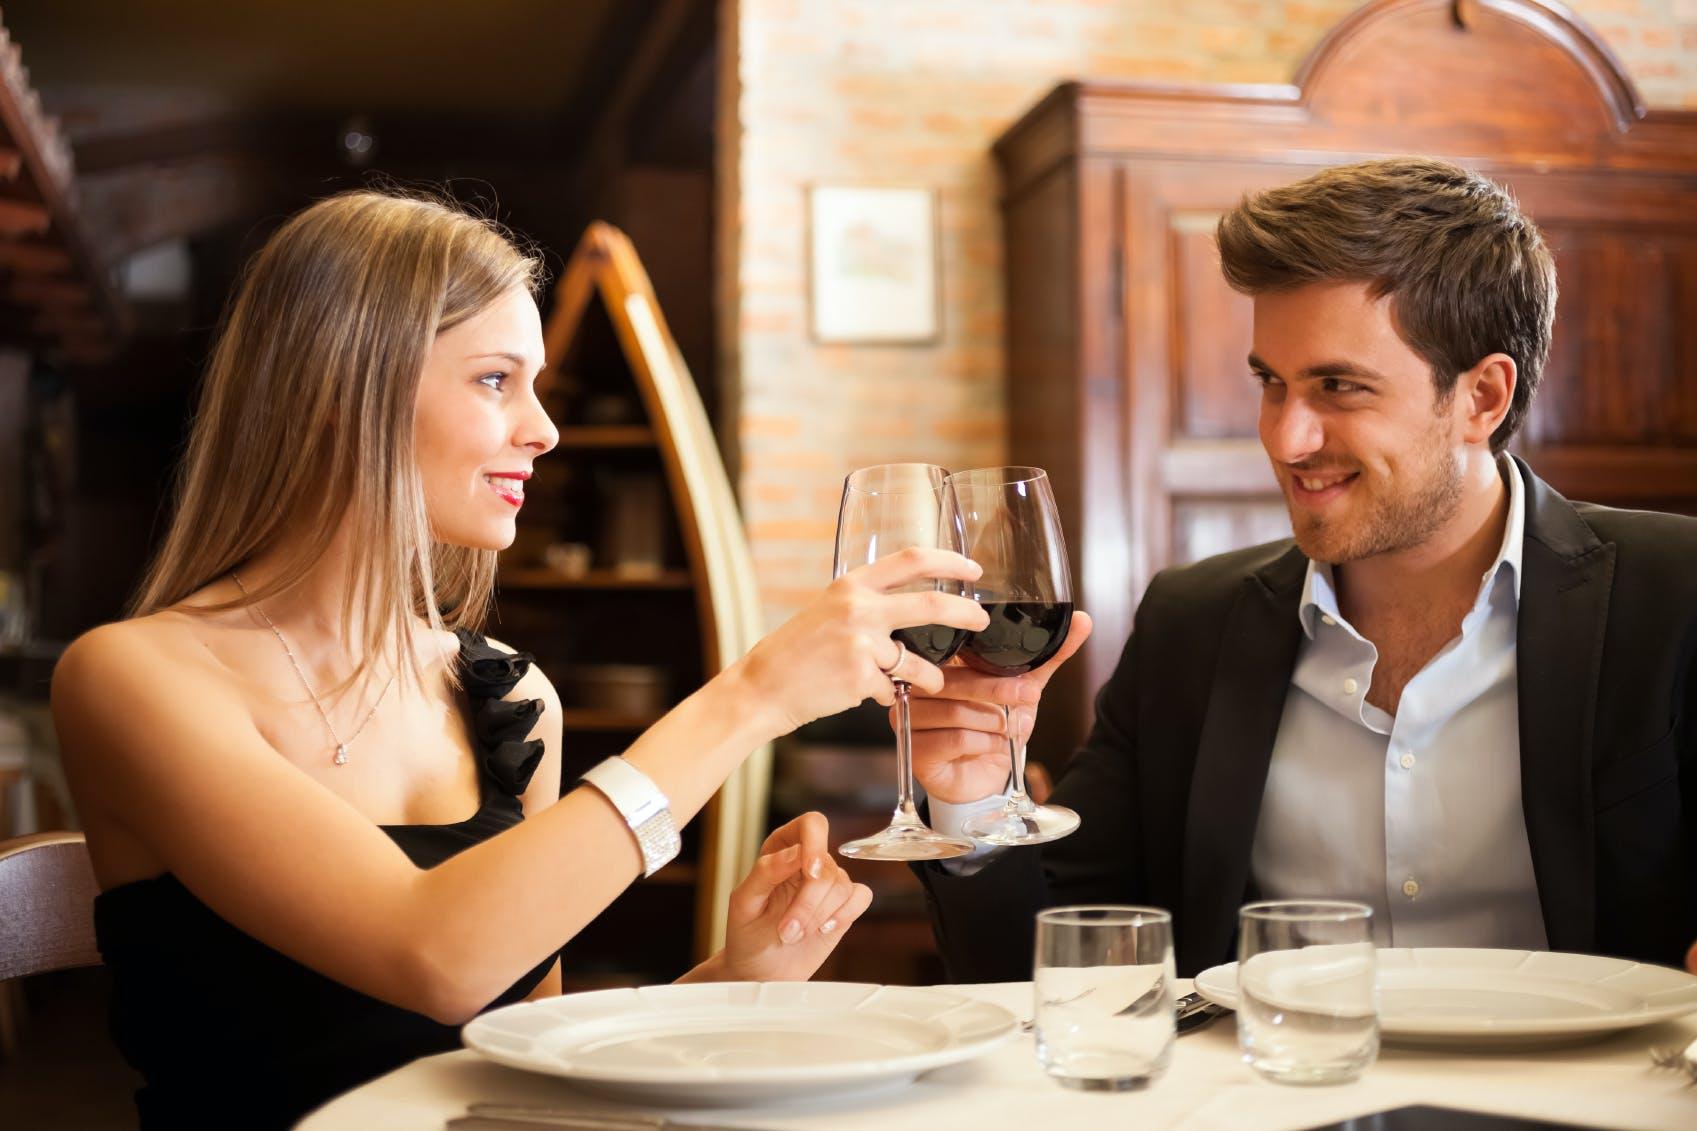 hvordan kommer man som kvinde polish dating dk